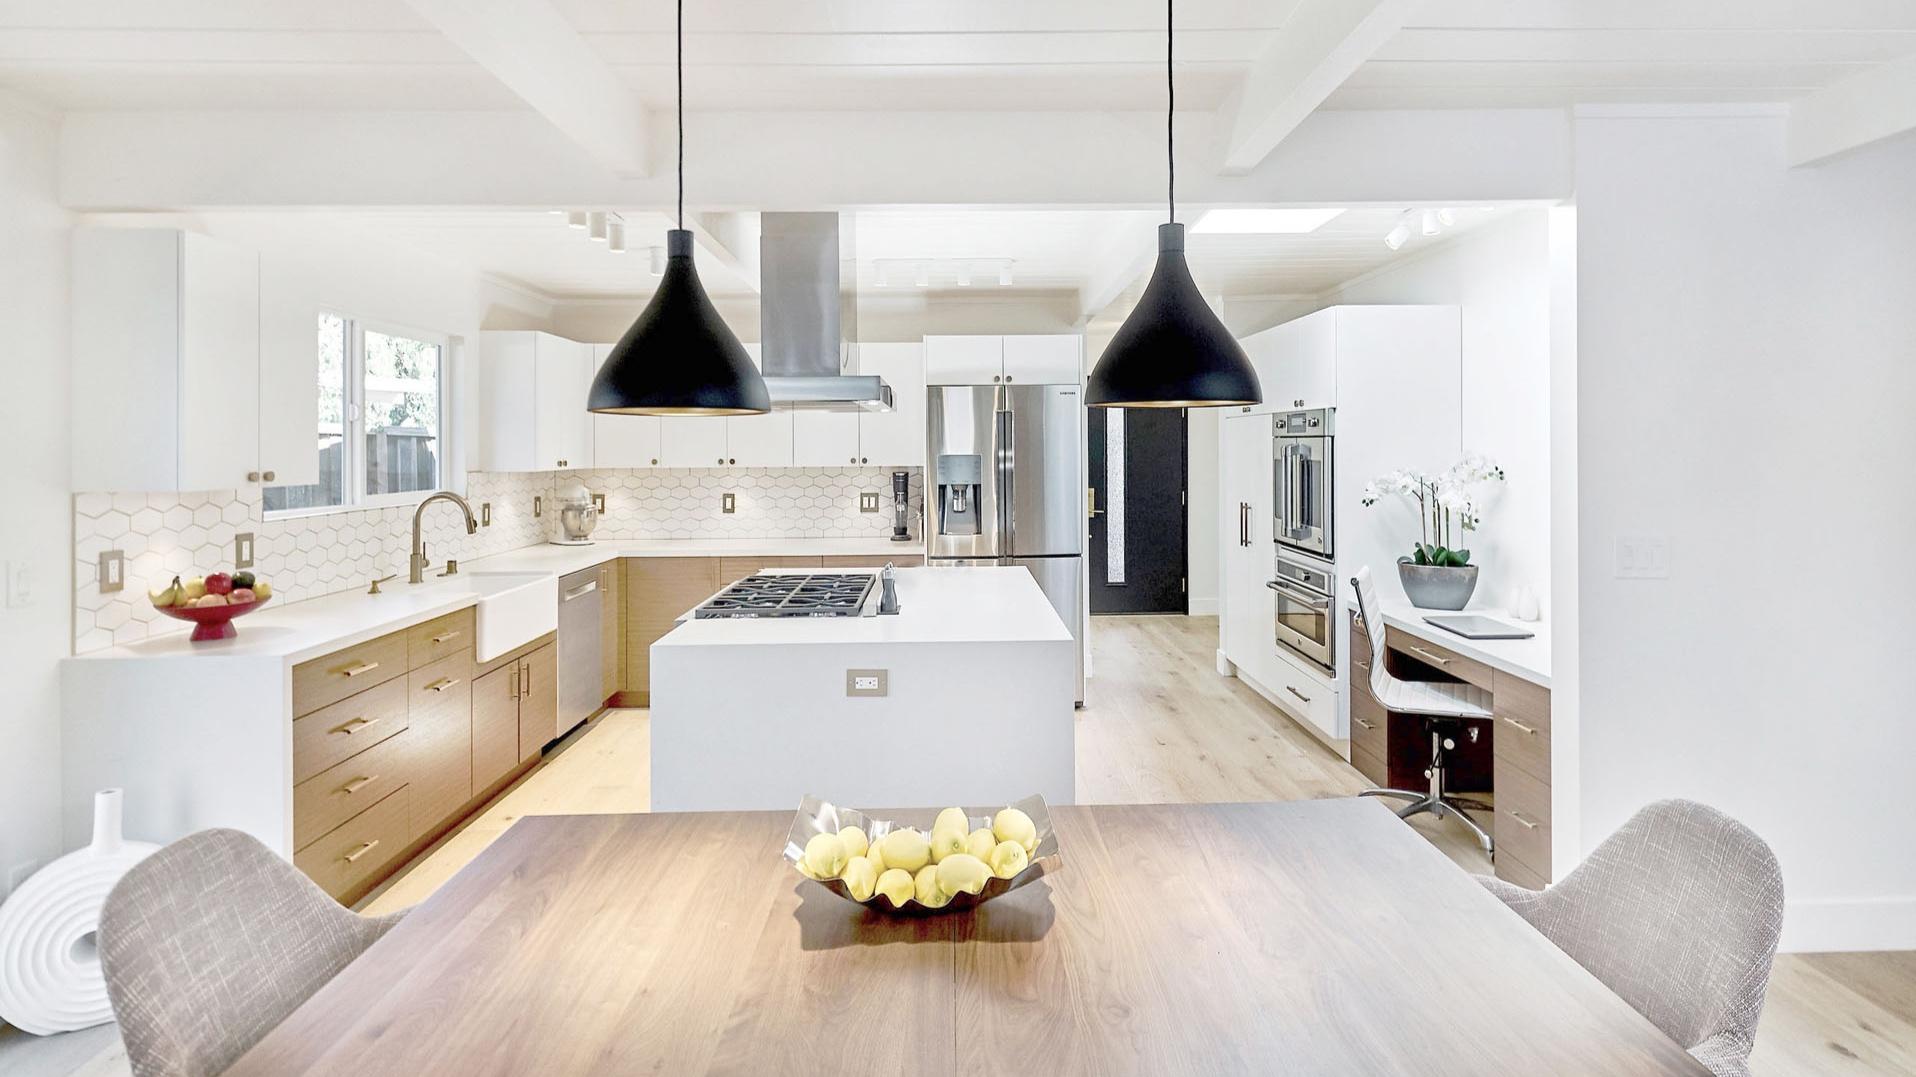 Artistic Kitchen Your Custom Dream Kitchen Awaits